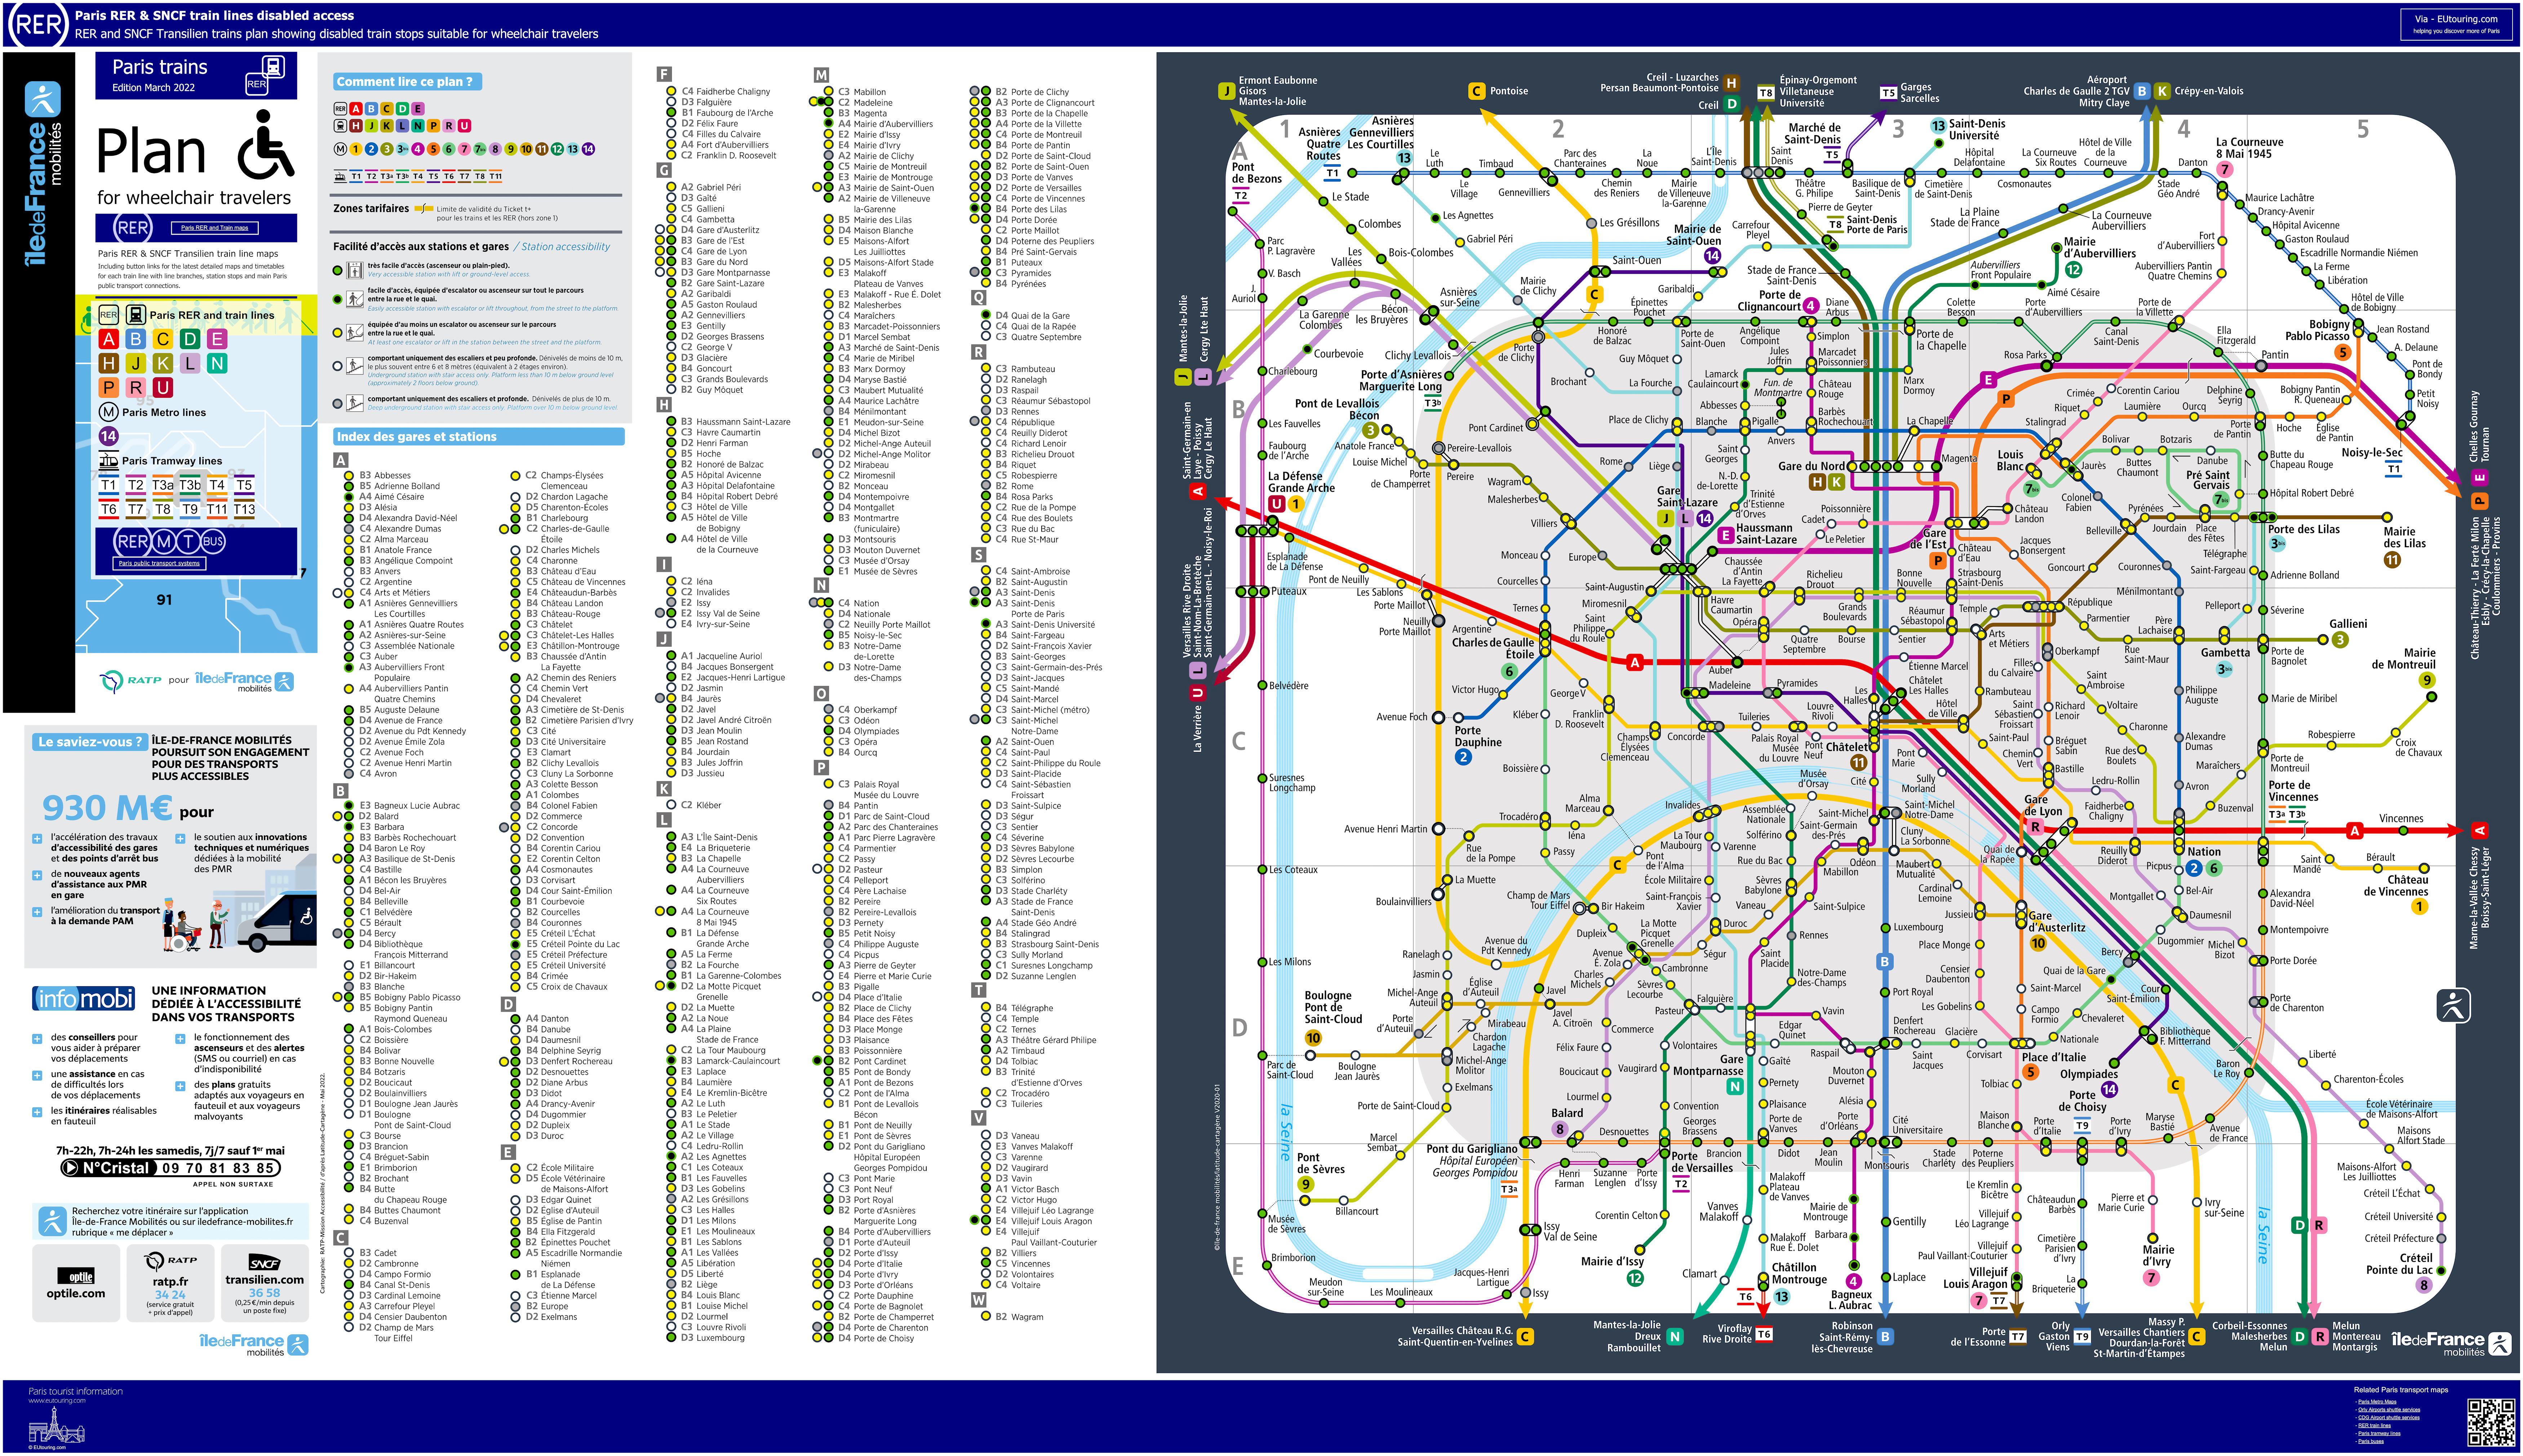 SNCF Transilien and RATP RER Train maps for Paris Ile de